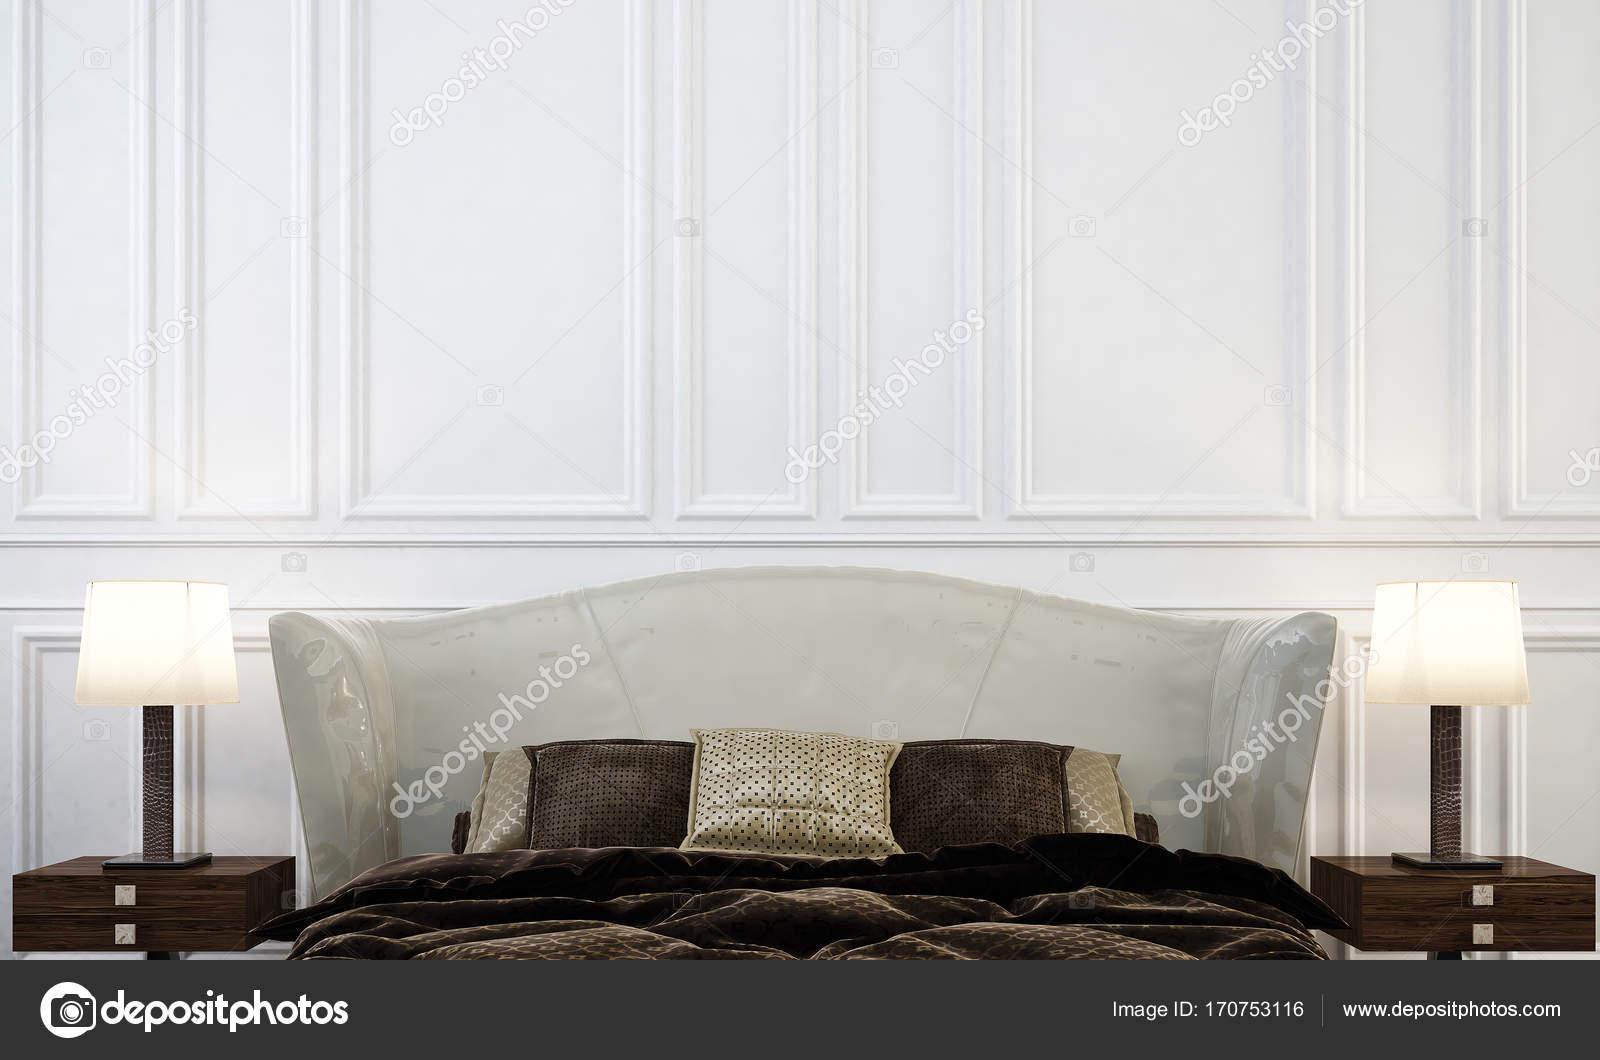 De luxe slaapkamer interieurontwerp en wit muur patroon